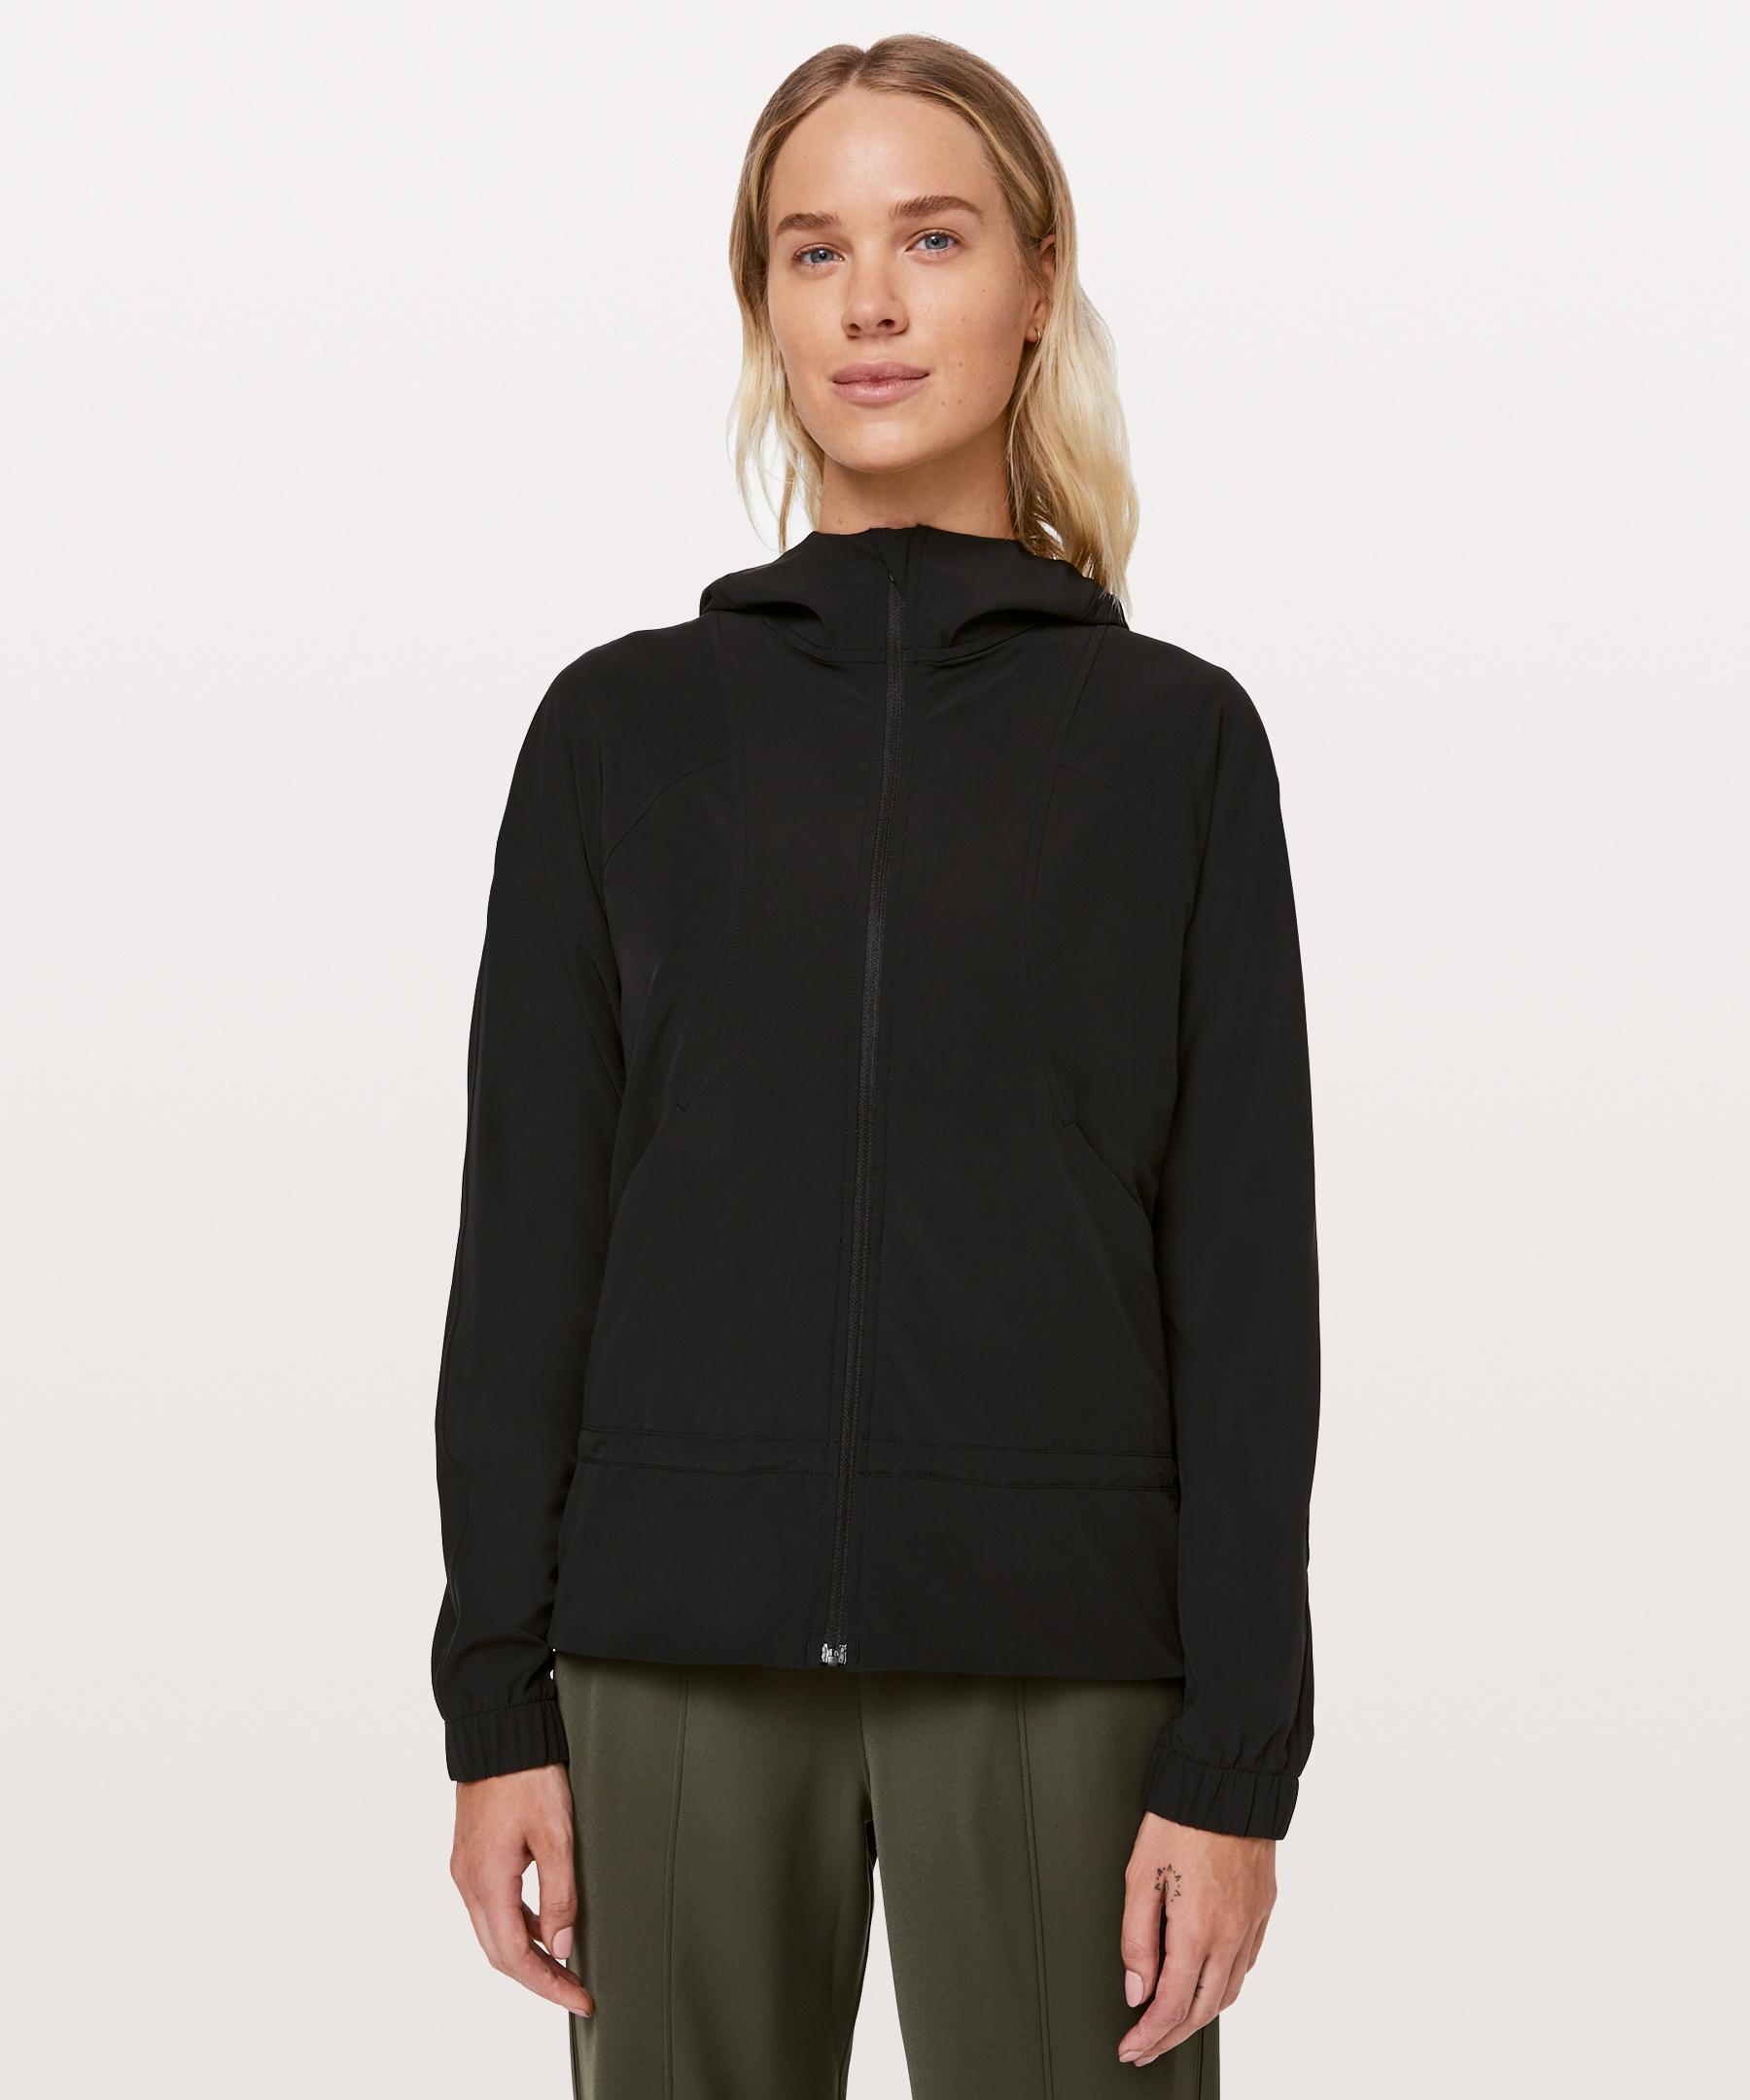 Lululemon Women S Pack It Up Jacket Black Size 10 Jackets For Women Jackets Outerwear Jackets [ 2160 x 1800 Pixel ]